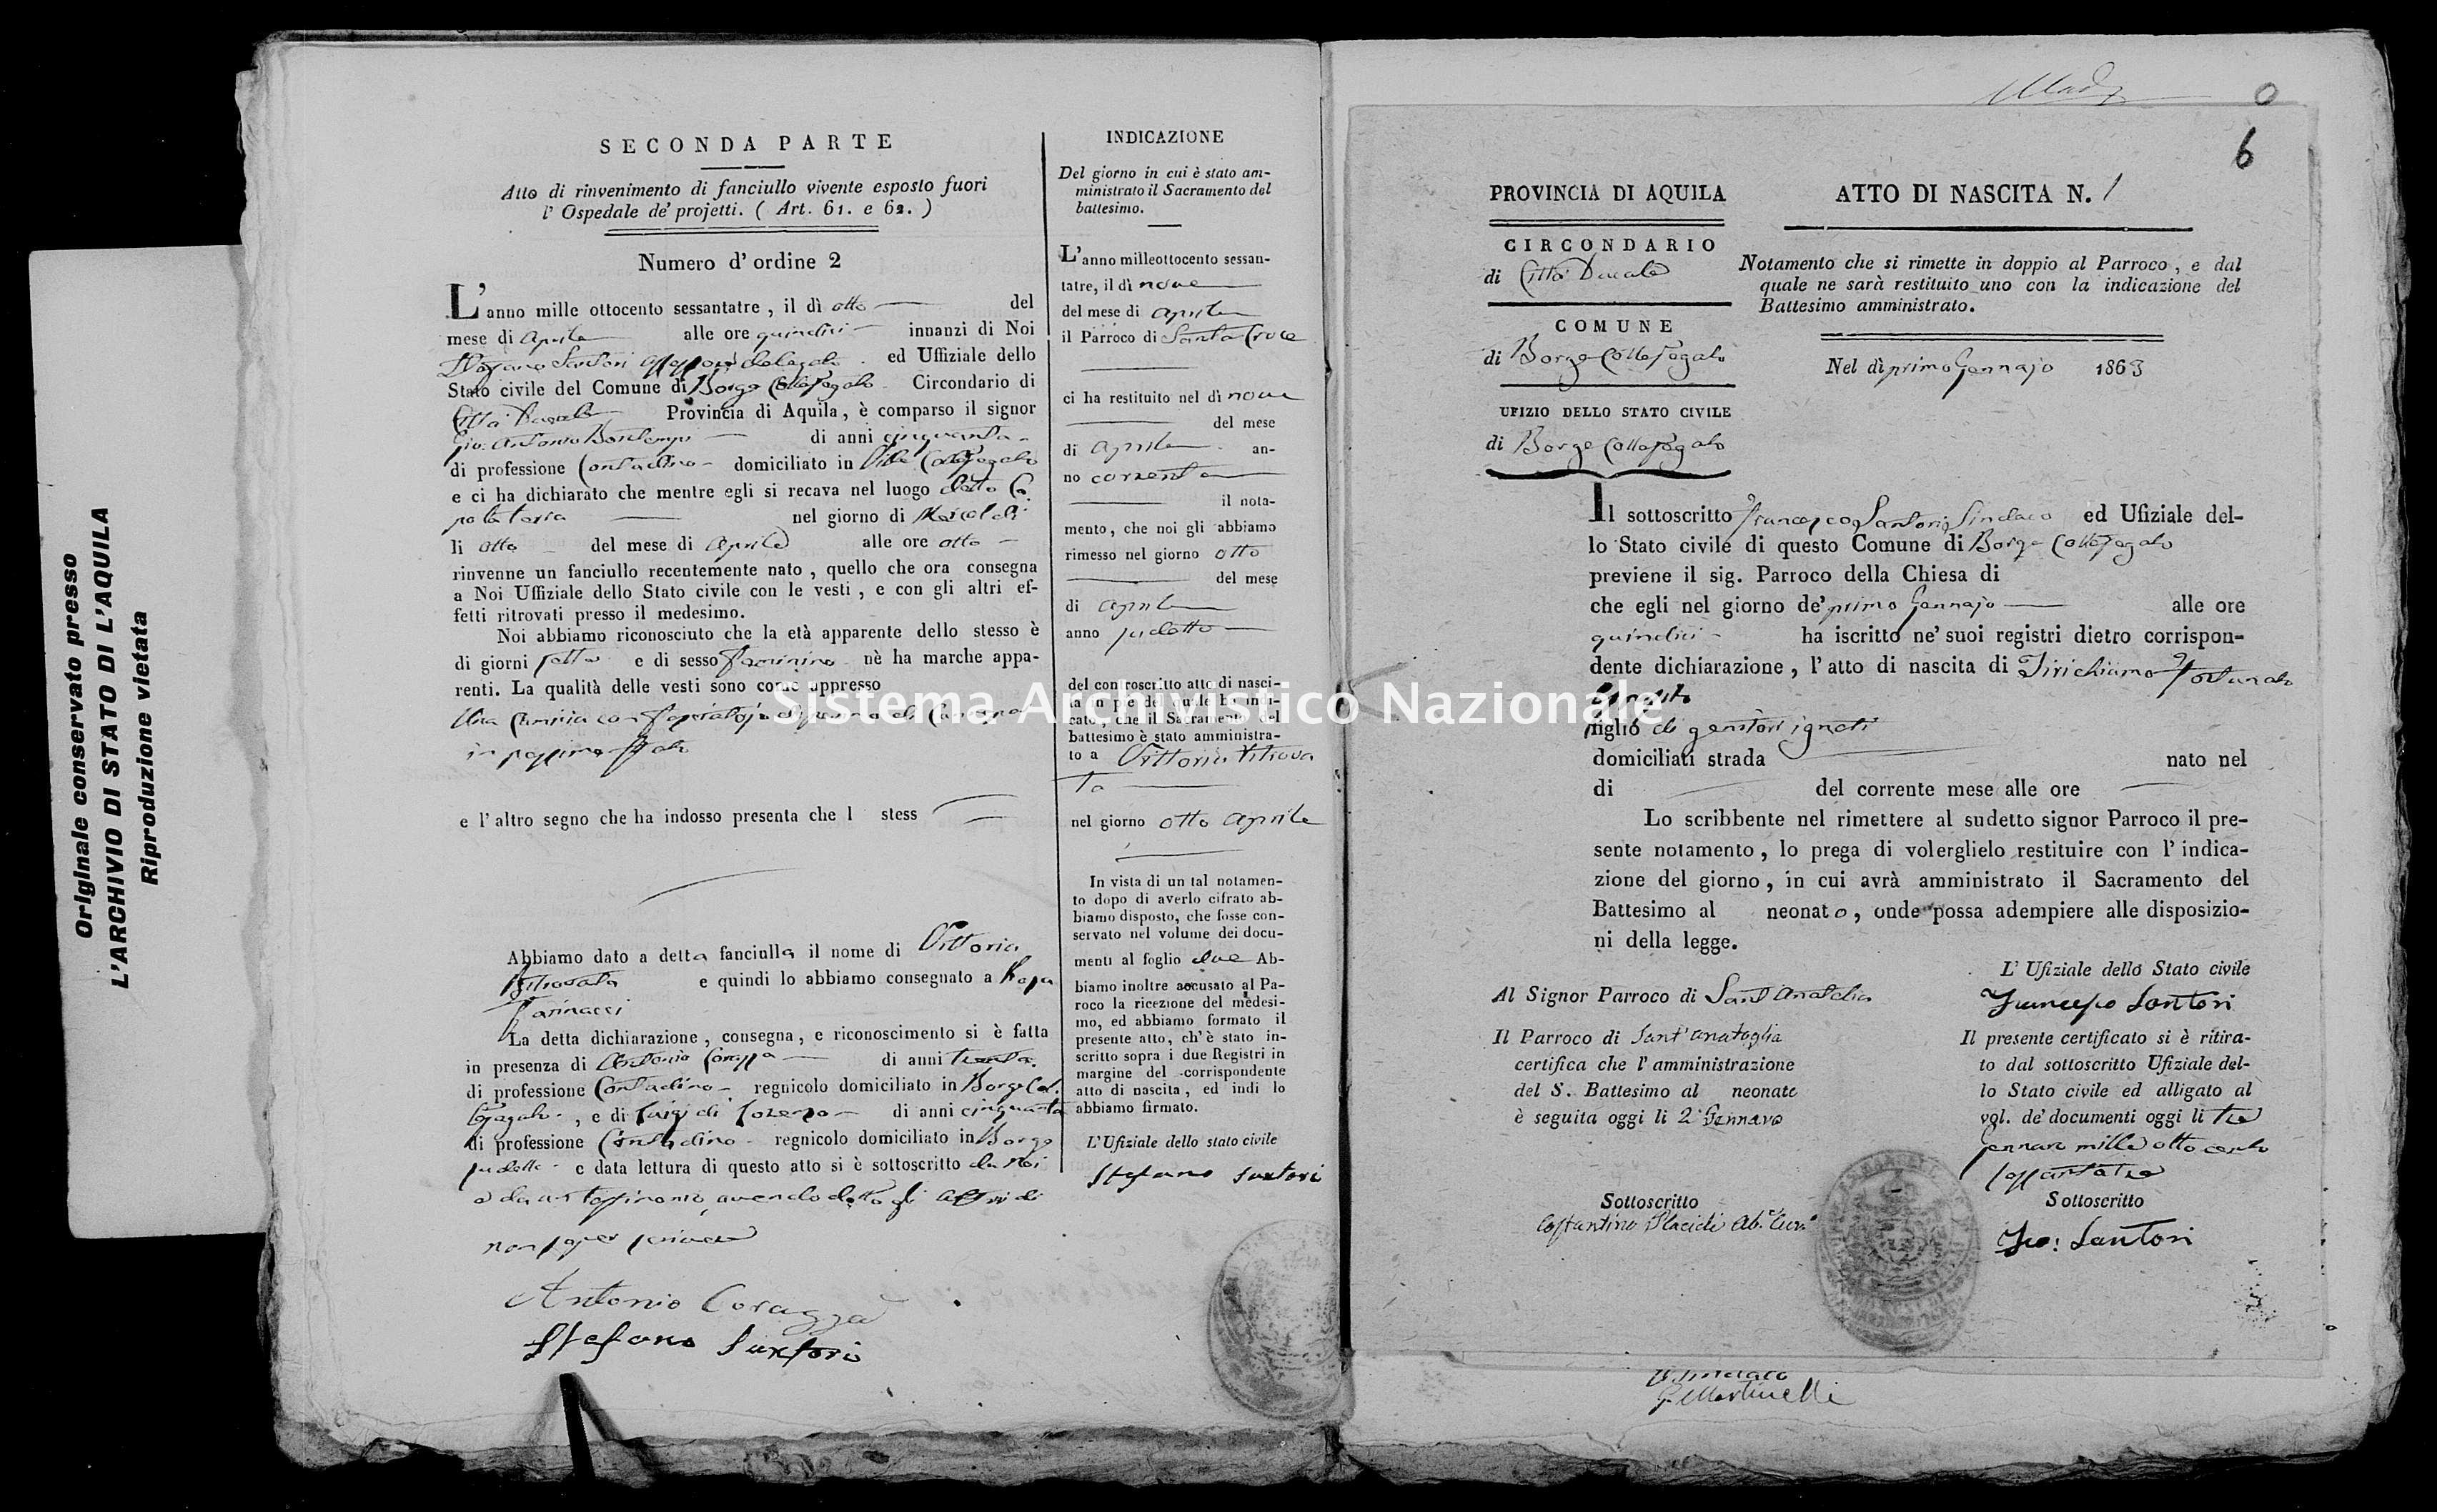 Archivio di stato di L'aquila - Stato civile italiano - Borgocollefegato - Nati, battesimi esposti - 1863 - 872 -